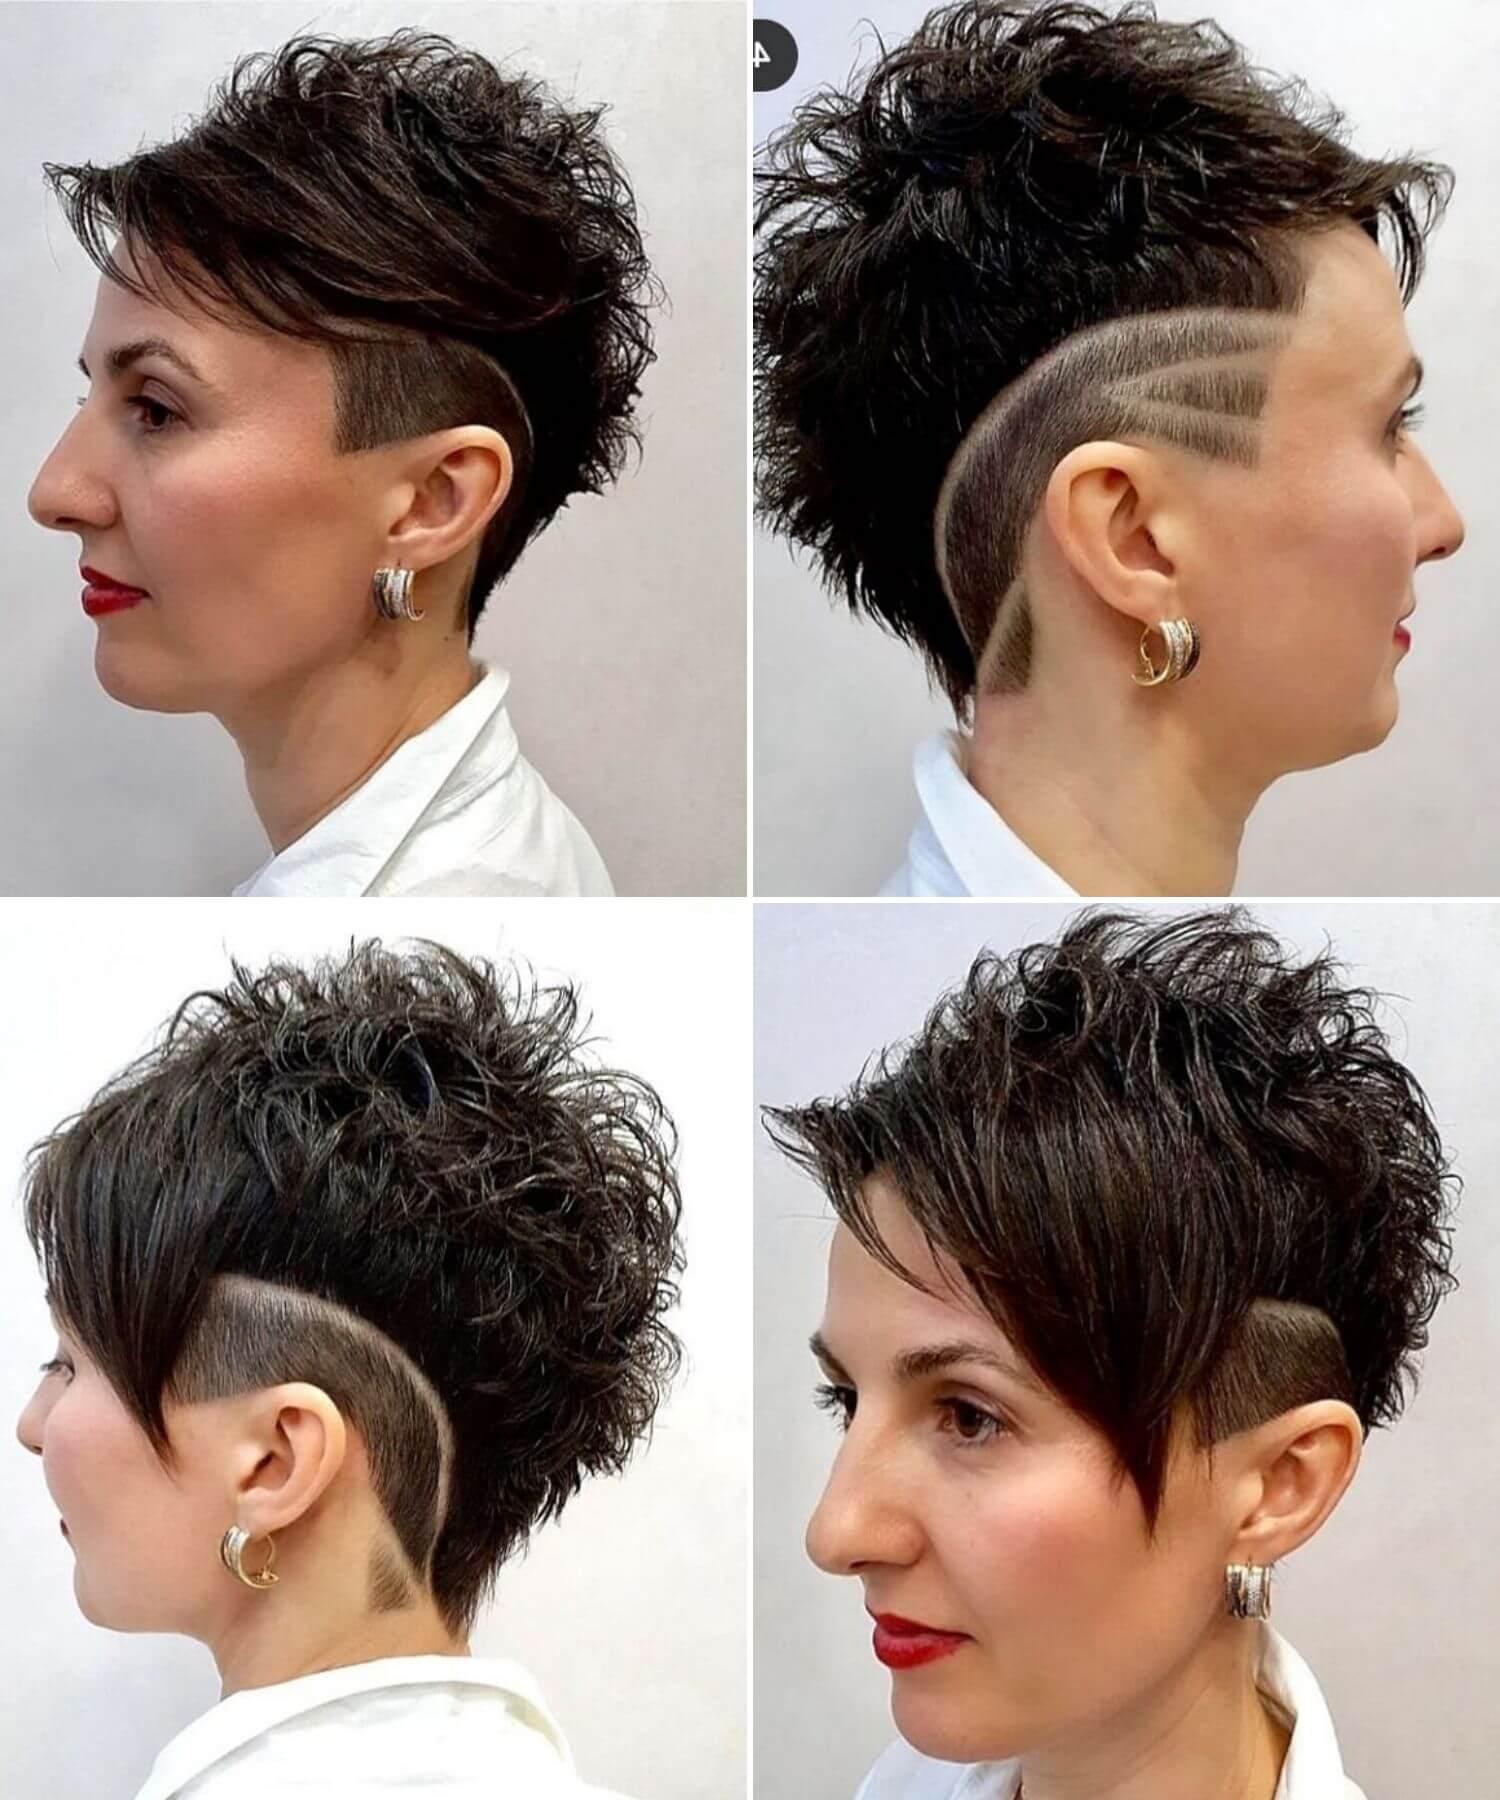 Short Black Pixie Haircut